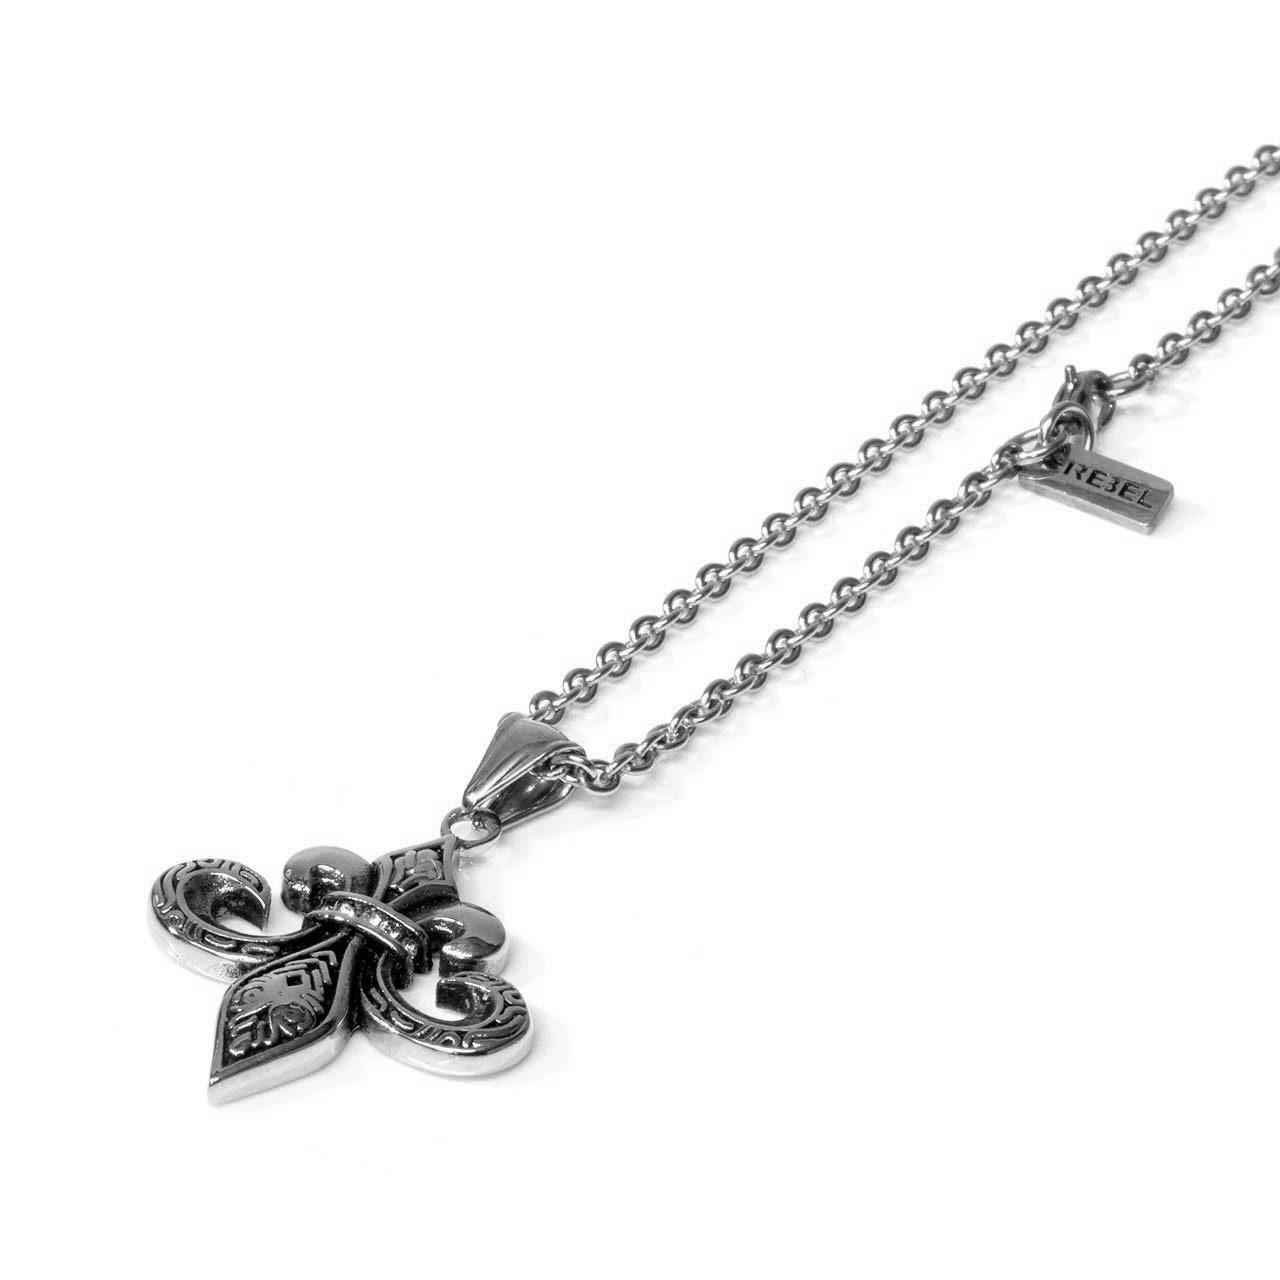 Fleur de lis pendant with chain trk609 rblcln fleur de lis pendant with chain aloadofball Choice Image